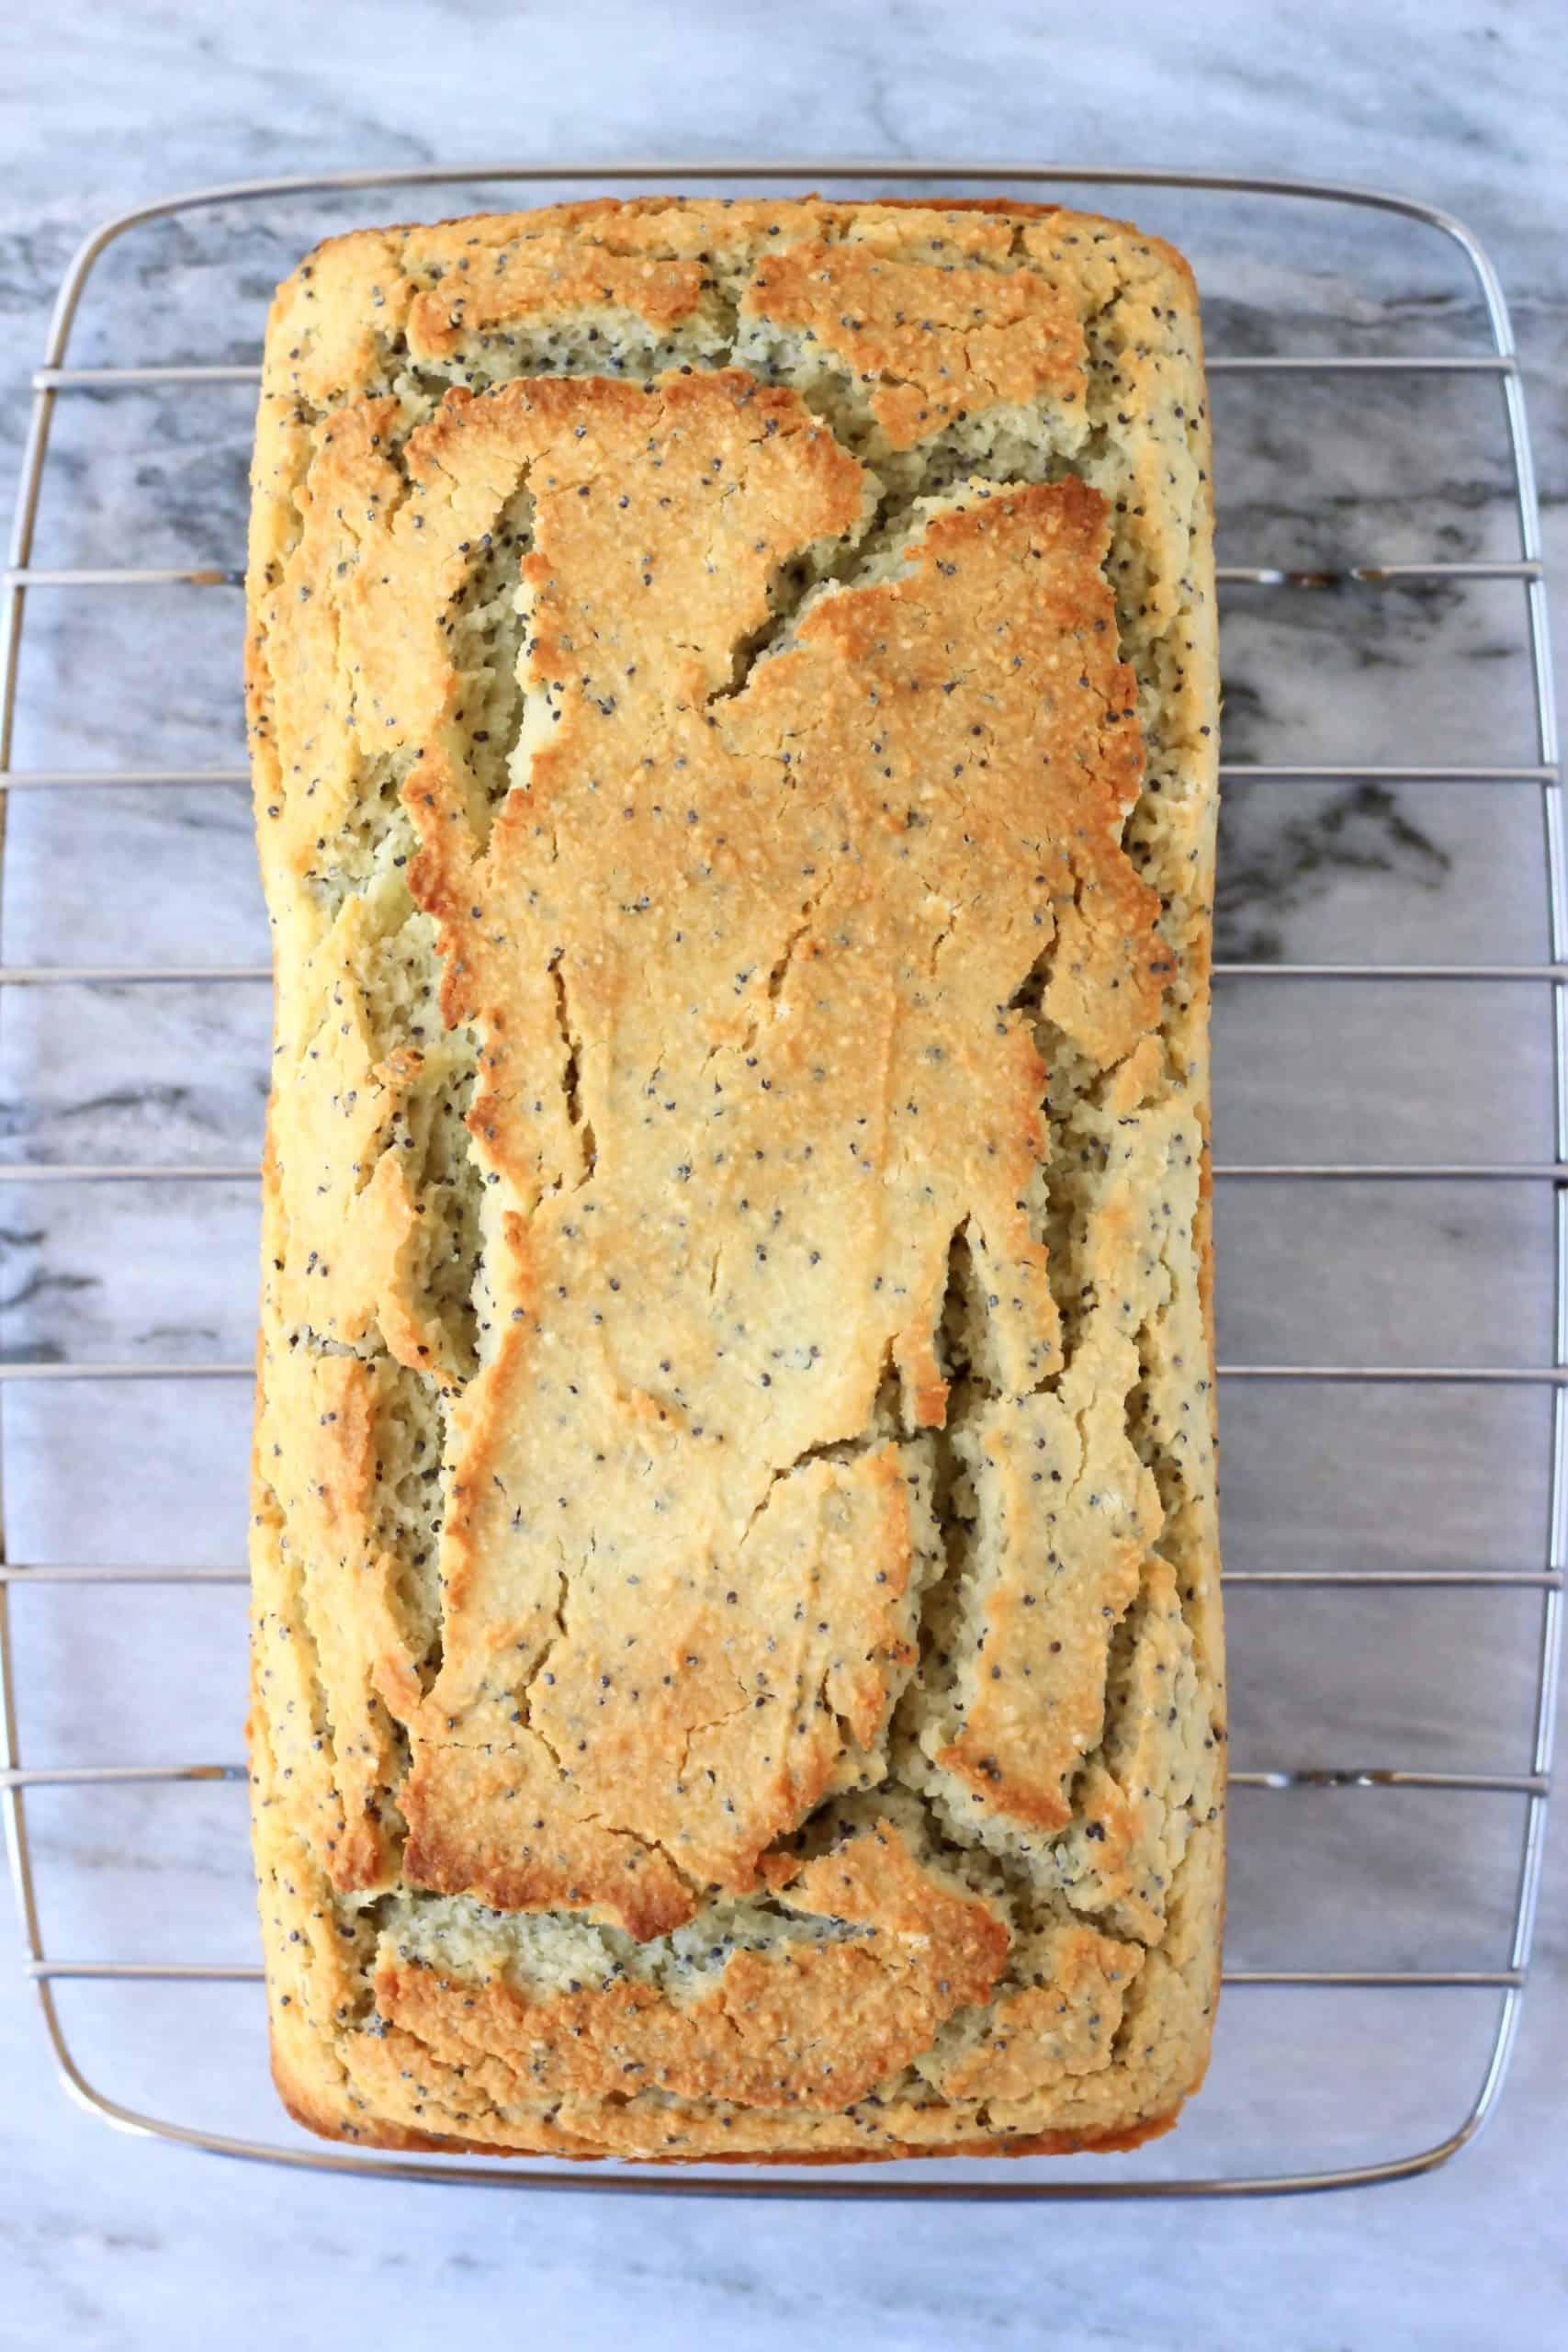 A loaf of gluten-free vegan lemon poppy seed bread on a wire rack